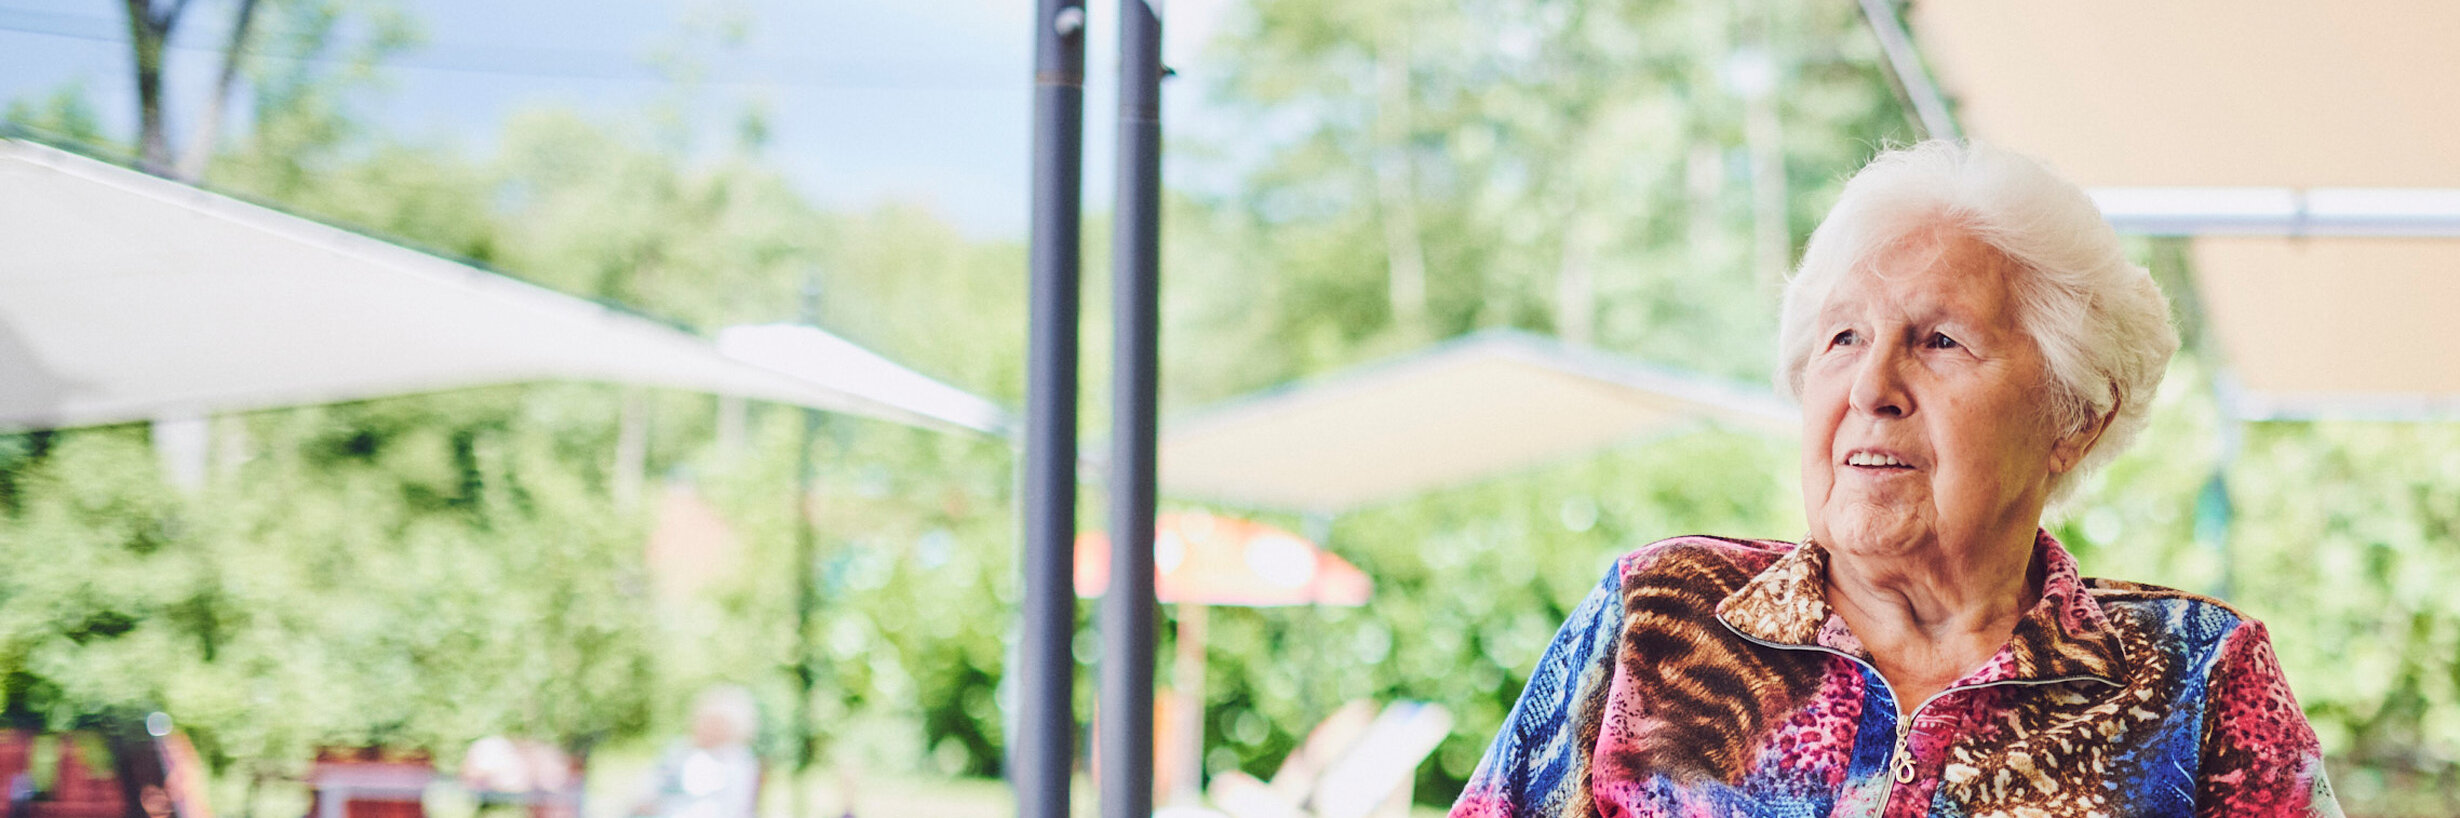 Eine zufriedenen ältere Dame im Johanniter-Stift Gelsenkirchen